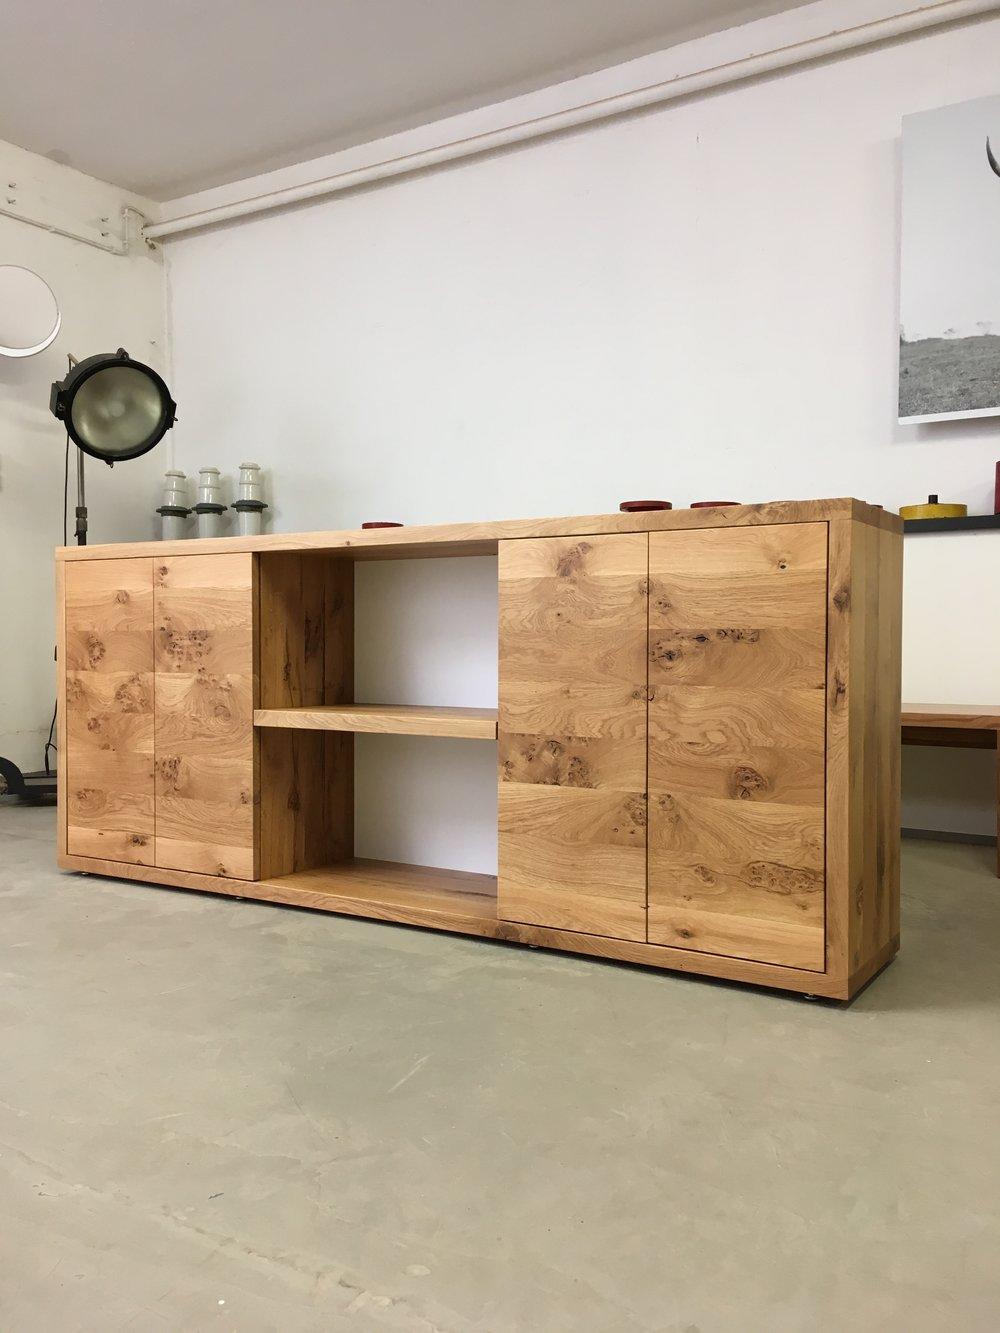 Dean aus Asteiche in 220 x 40 x 90 cm Preis 2700 Euro ab Werkstatt.